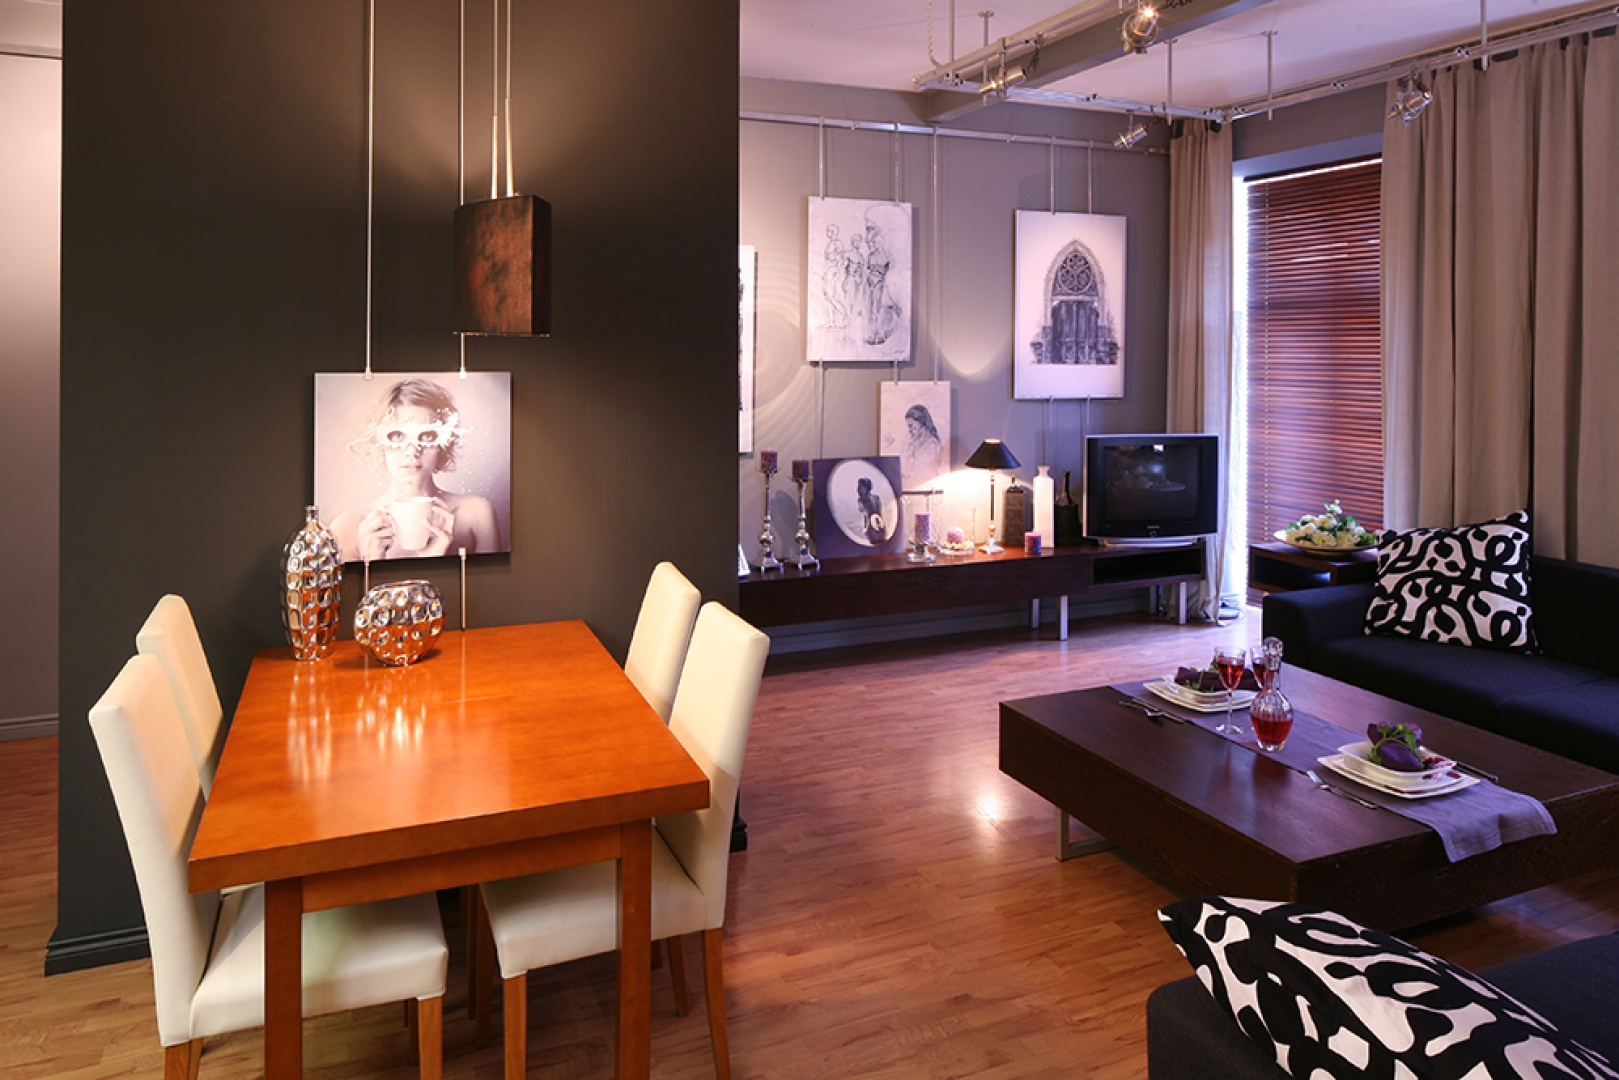 Fotografia autorstwa Kassandry umieszczona nad stołem bezwiednie przyciąga wzrok. Ceramiczne dzbany utrzymane w tonacjach srebra stanowią wyraźny element dekoracyjny. Kolorystyką nawiązują do elementów systemu podwieszeń wykorzystanych w apartamencie. Fot. Bartosz Jarosz.